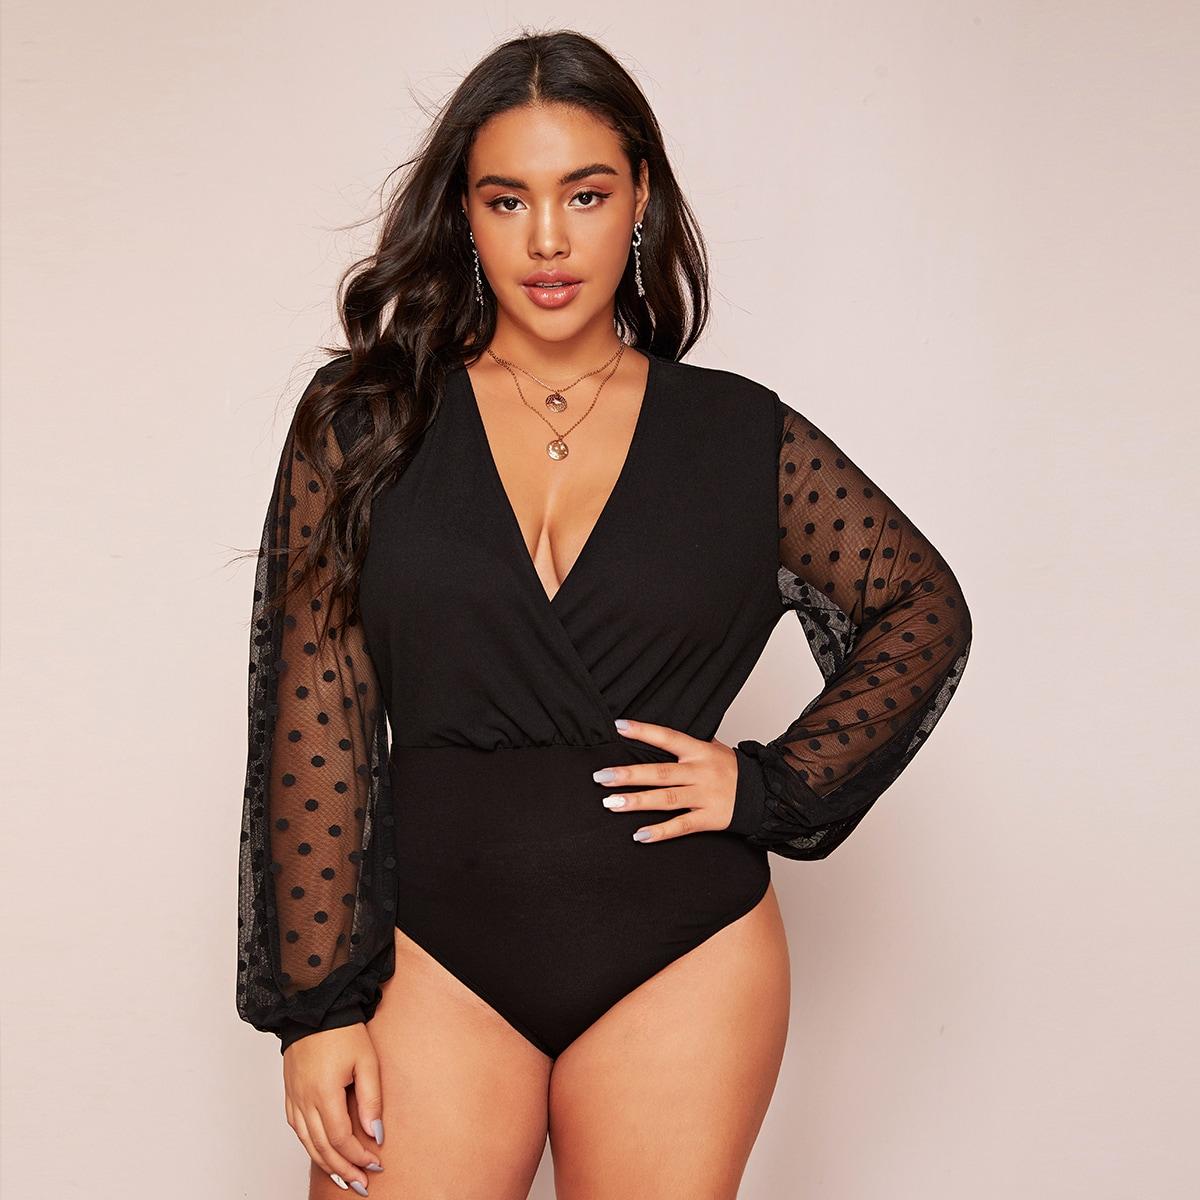 Zwart Sexy Vlak Bodysuits grote maten Contrast mesh